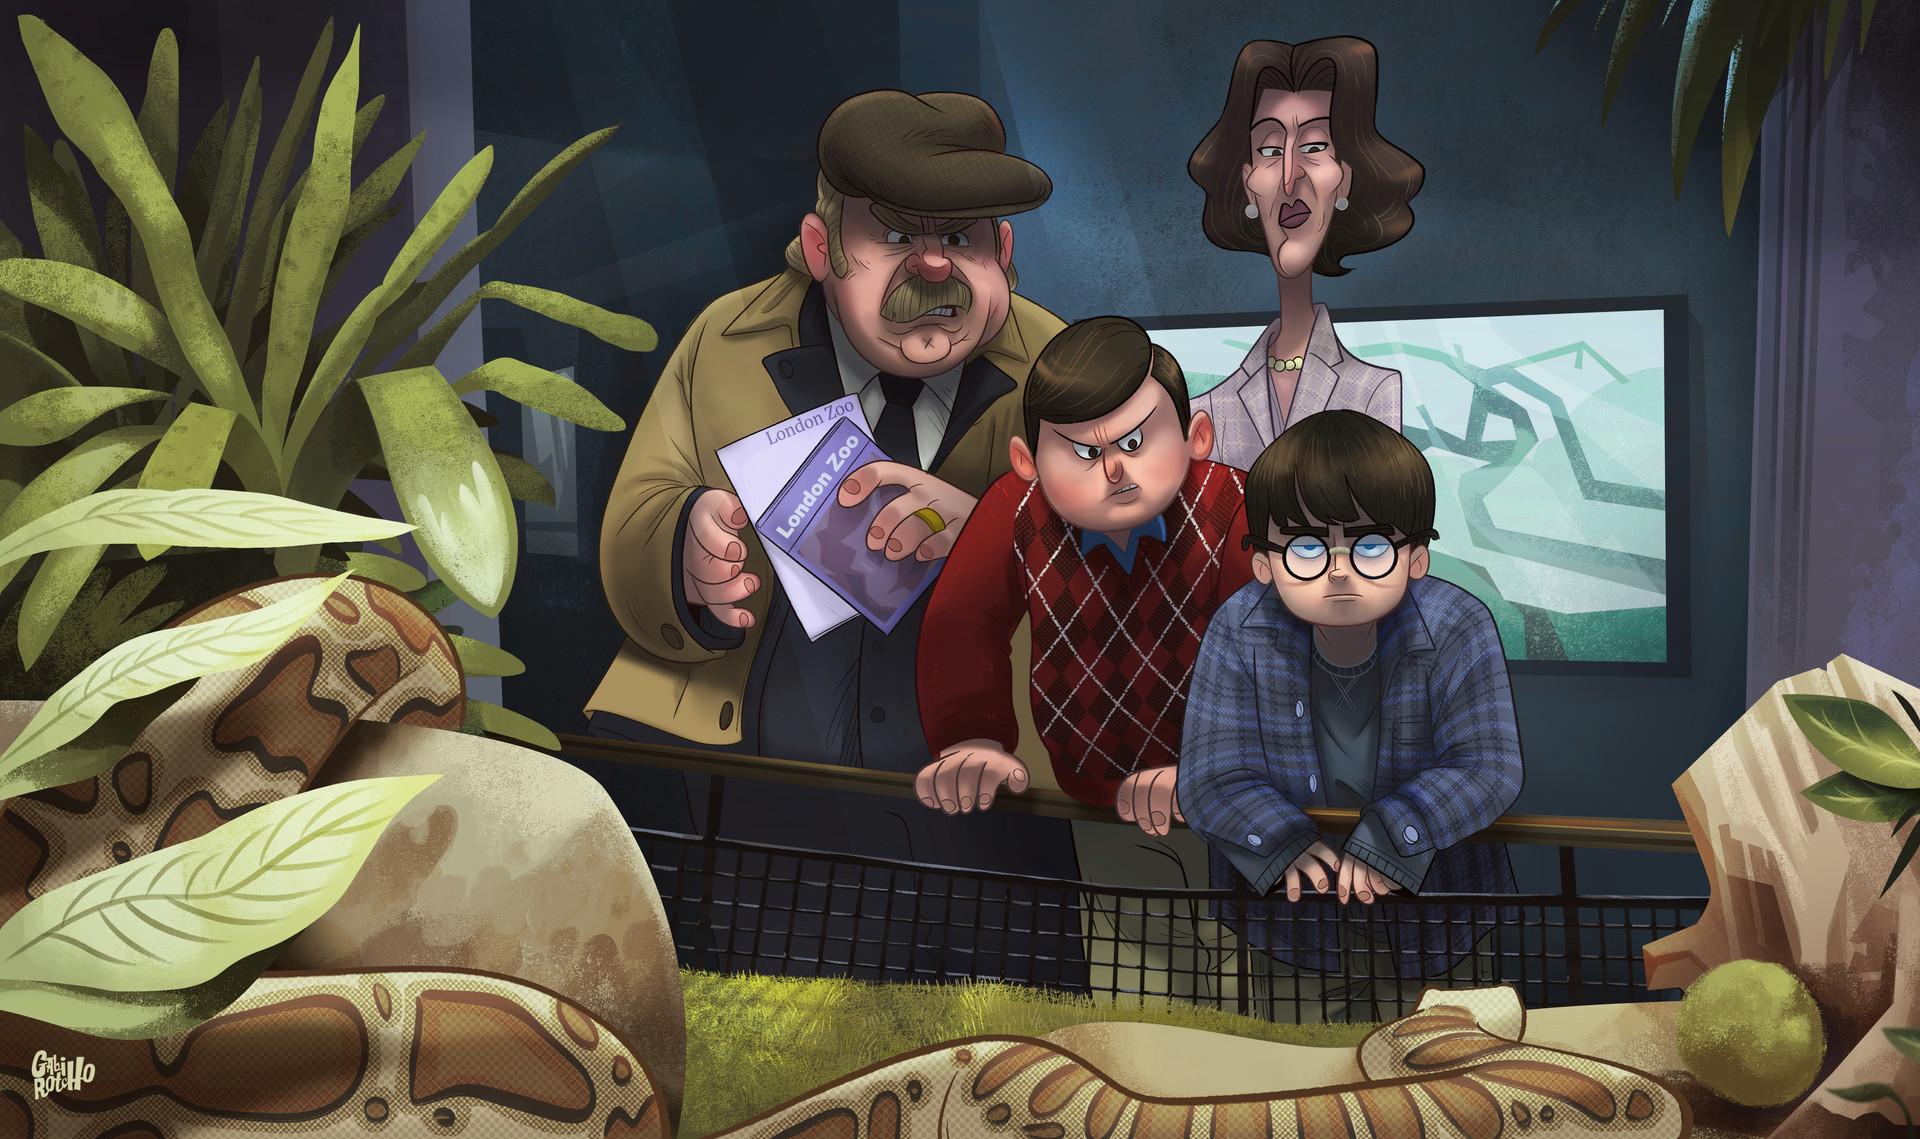 General 1920x1139 Gabirotcho  digital art fan art Zoo snake plants people men women Harry Potter